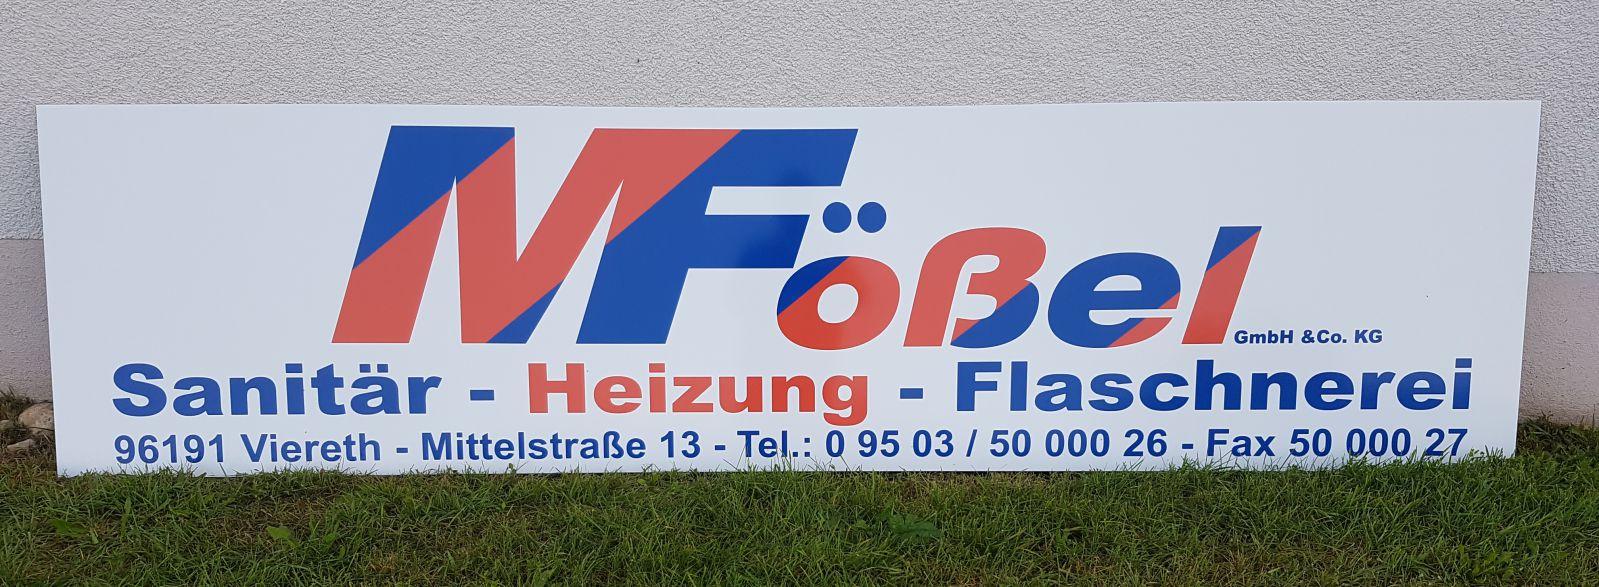 Raithel Werbetechnik und Textildruck - Sanitär Fößel - Viereth - Bandenwerbung - 1. FC Oberhaid